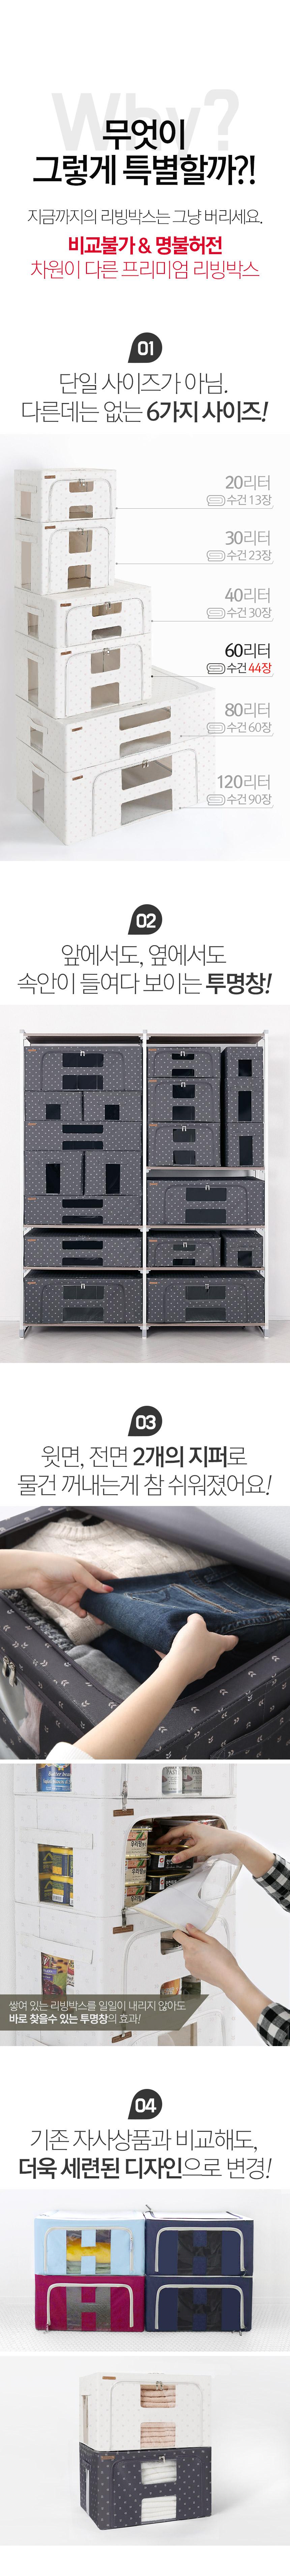 메이븐 프리미엄 리빙박스 60L 4P - 홈앤하우스, 32,500원, 정리/리빙박스, 부직포 리빙박스